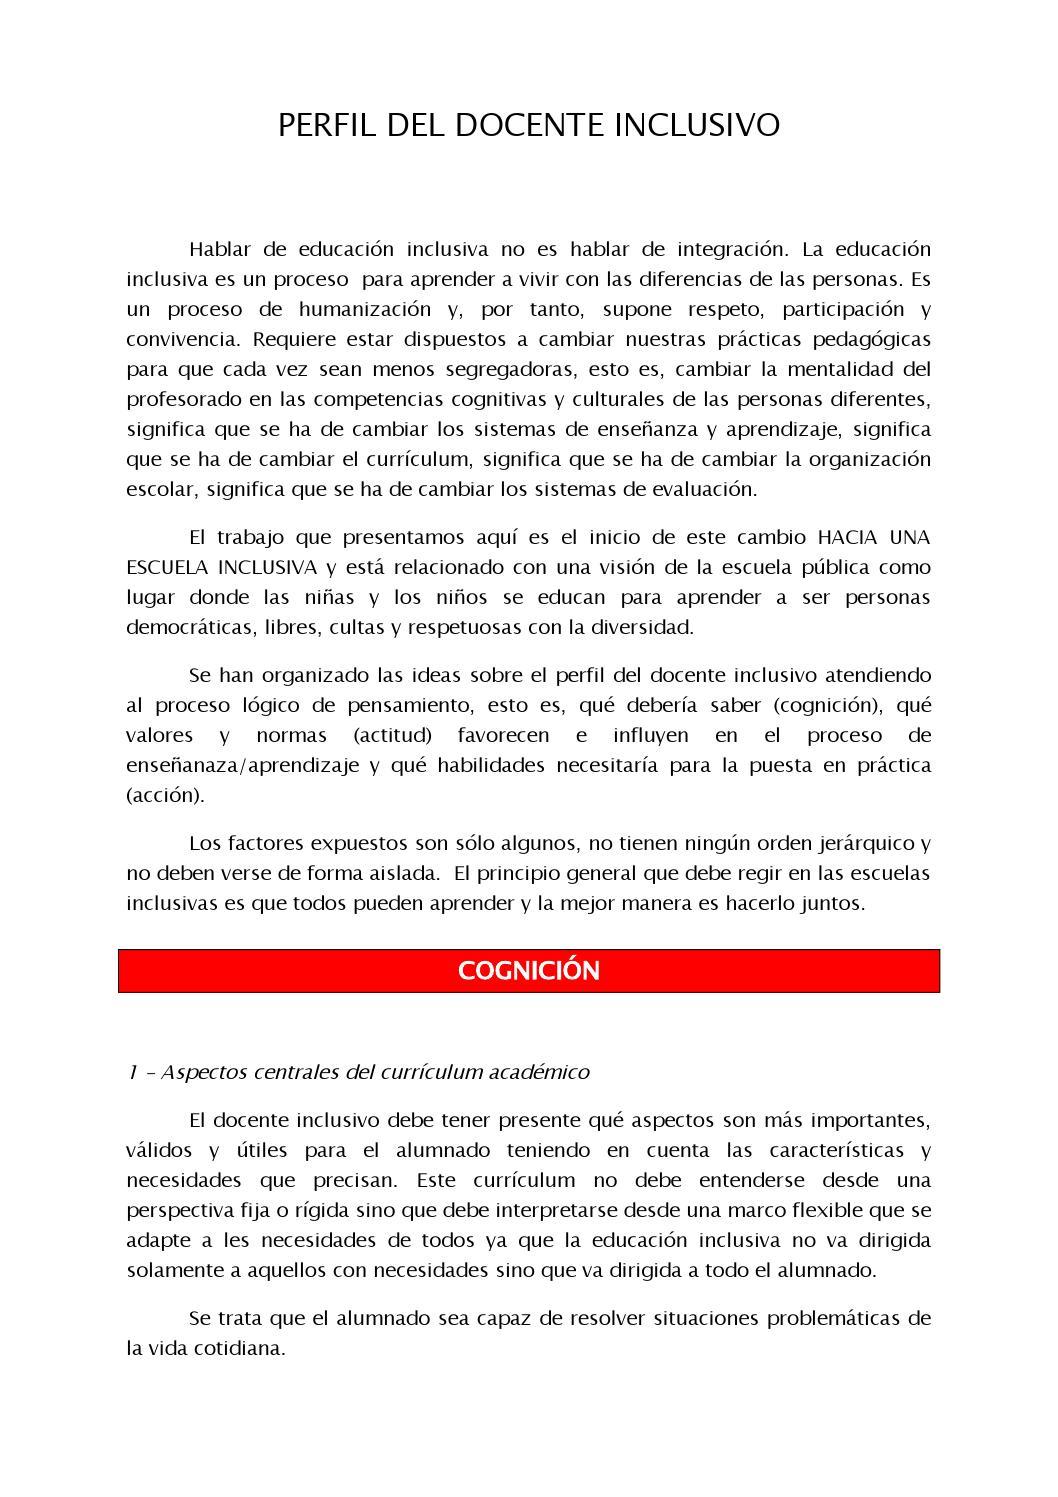 Perfil del Docente Inclusivo by Pedro J Mondejar - issuu